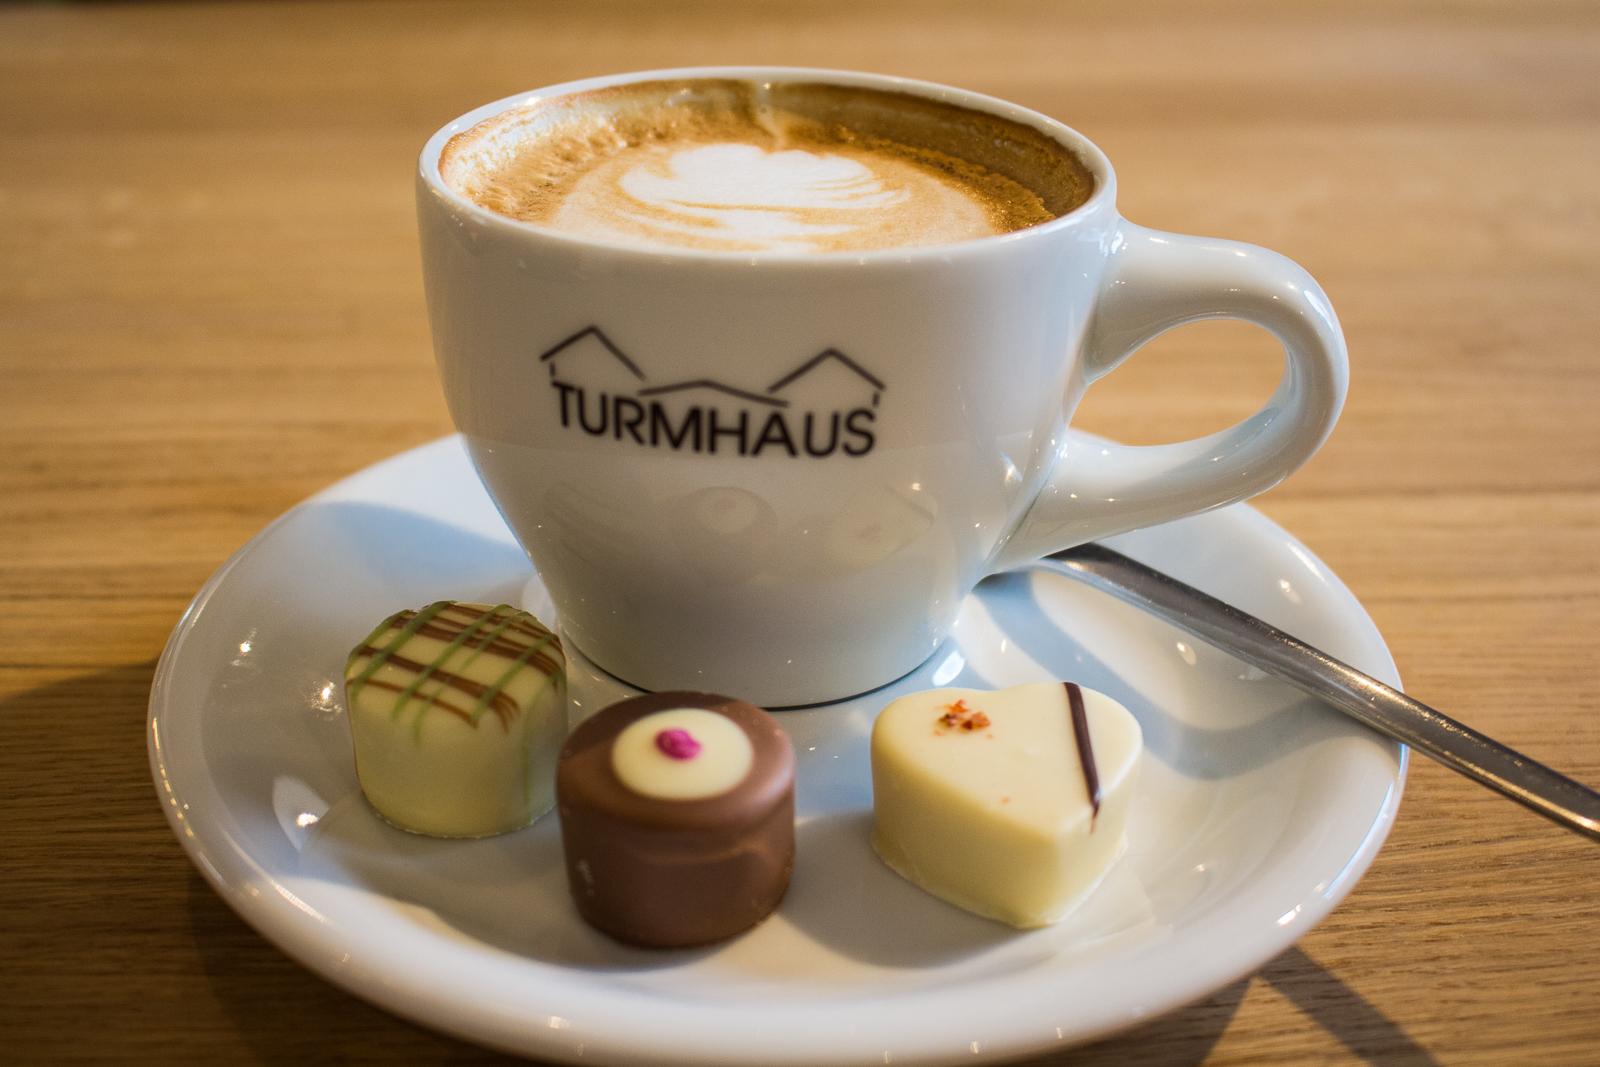 Münsterland kulinarisch, Muensterland, Pralinen, Schokolade